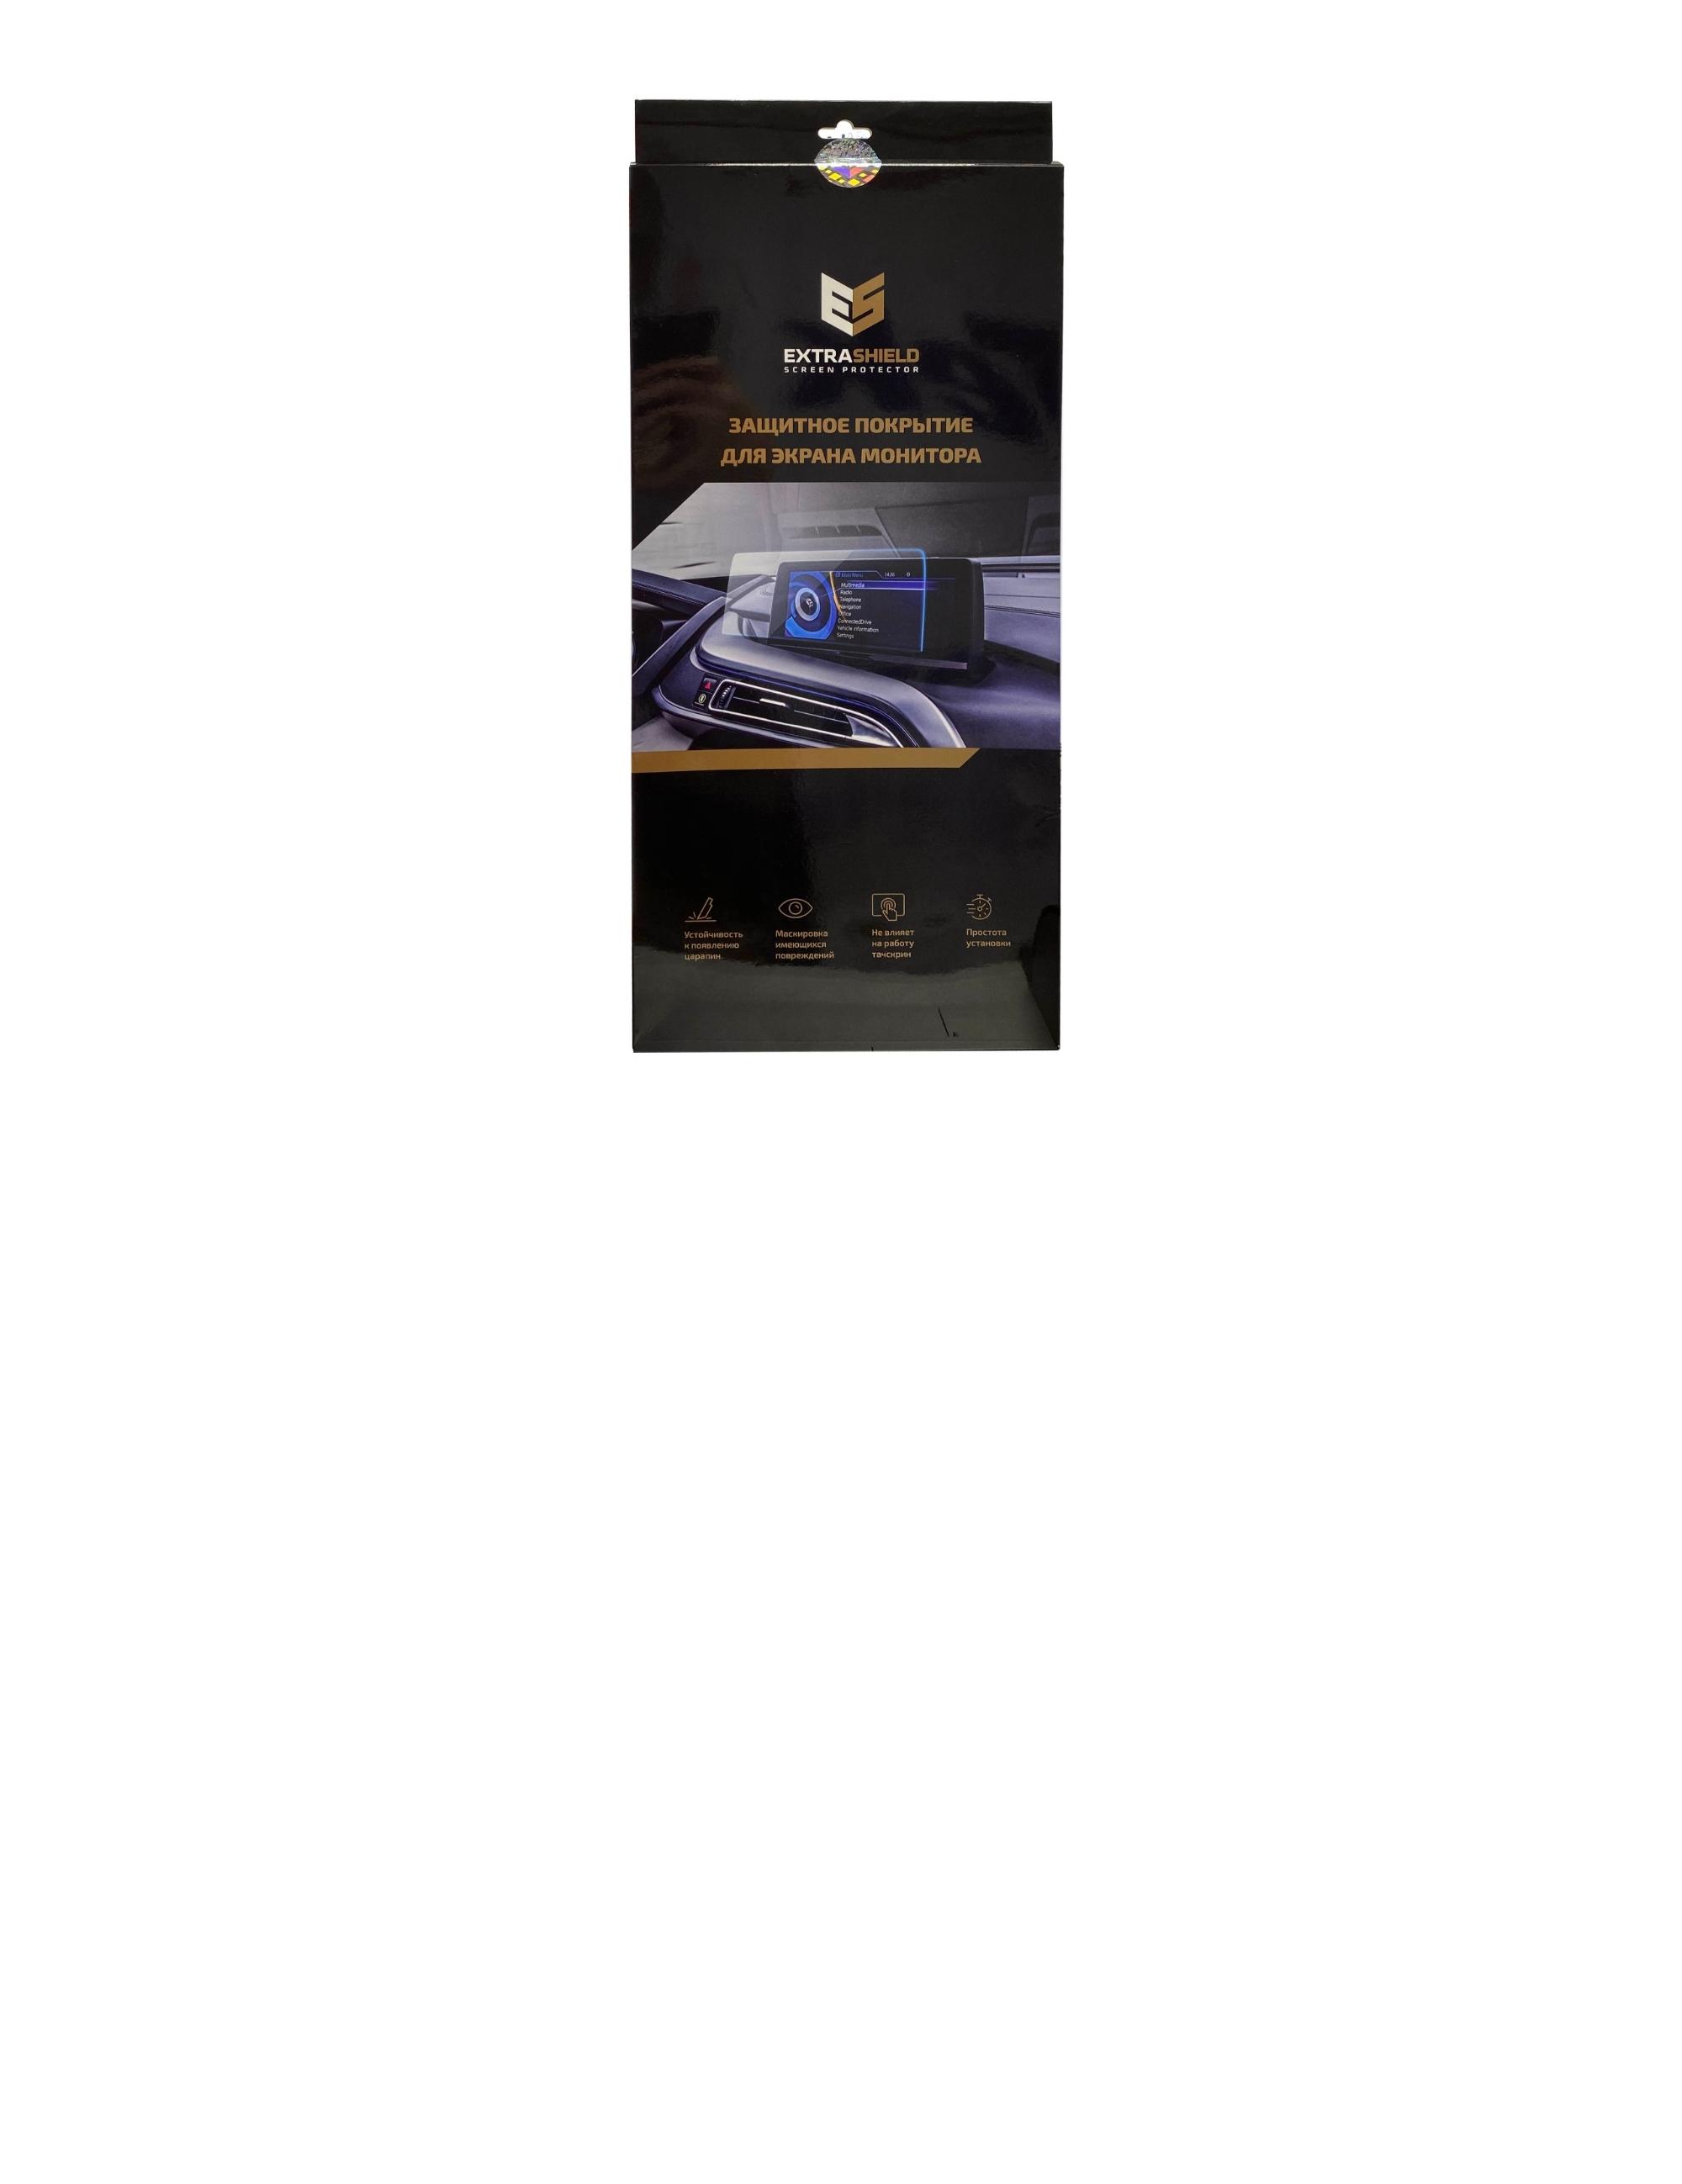 Mercedes-Benz GLC (X253) рестайлинг 2019 - н.в. приборная панель 10,25 Защитное стекло Глянец